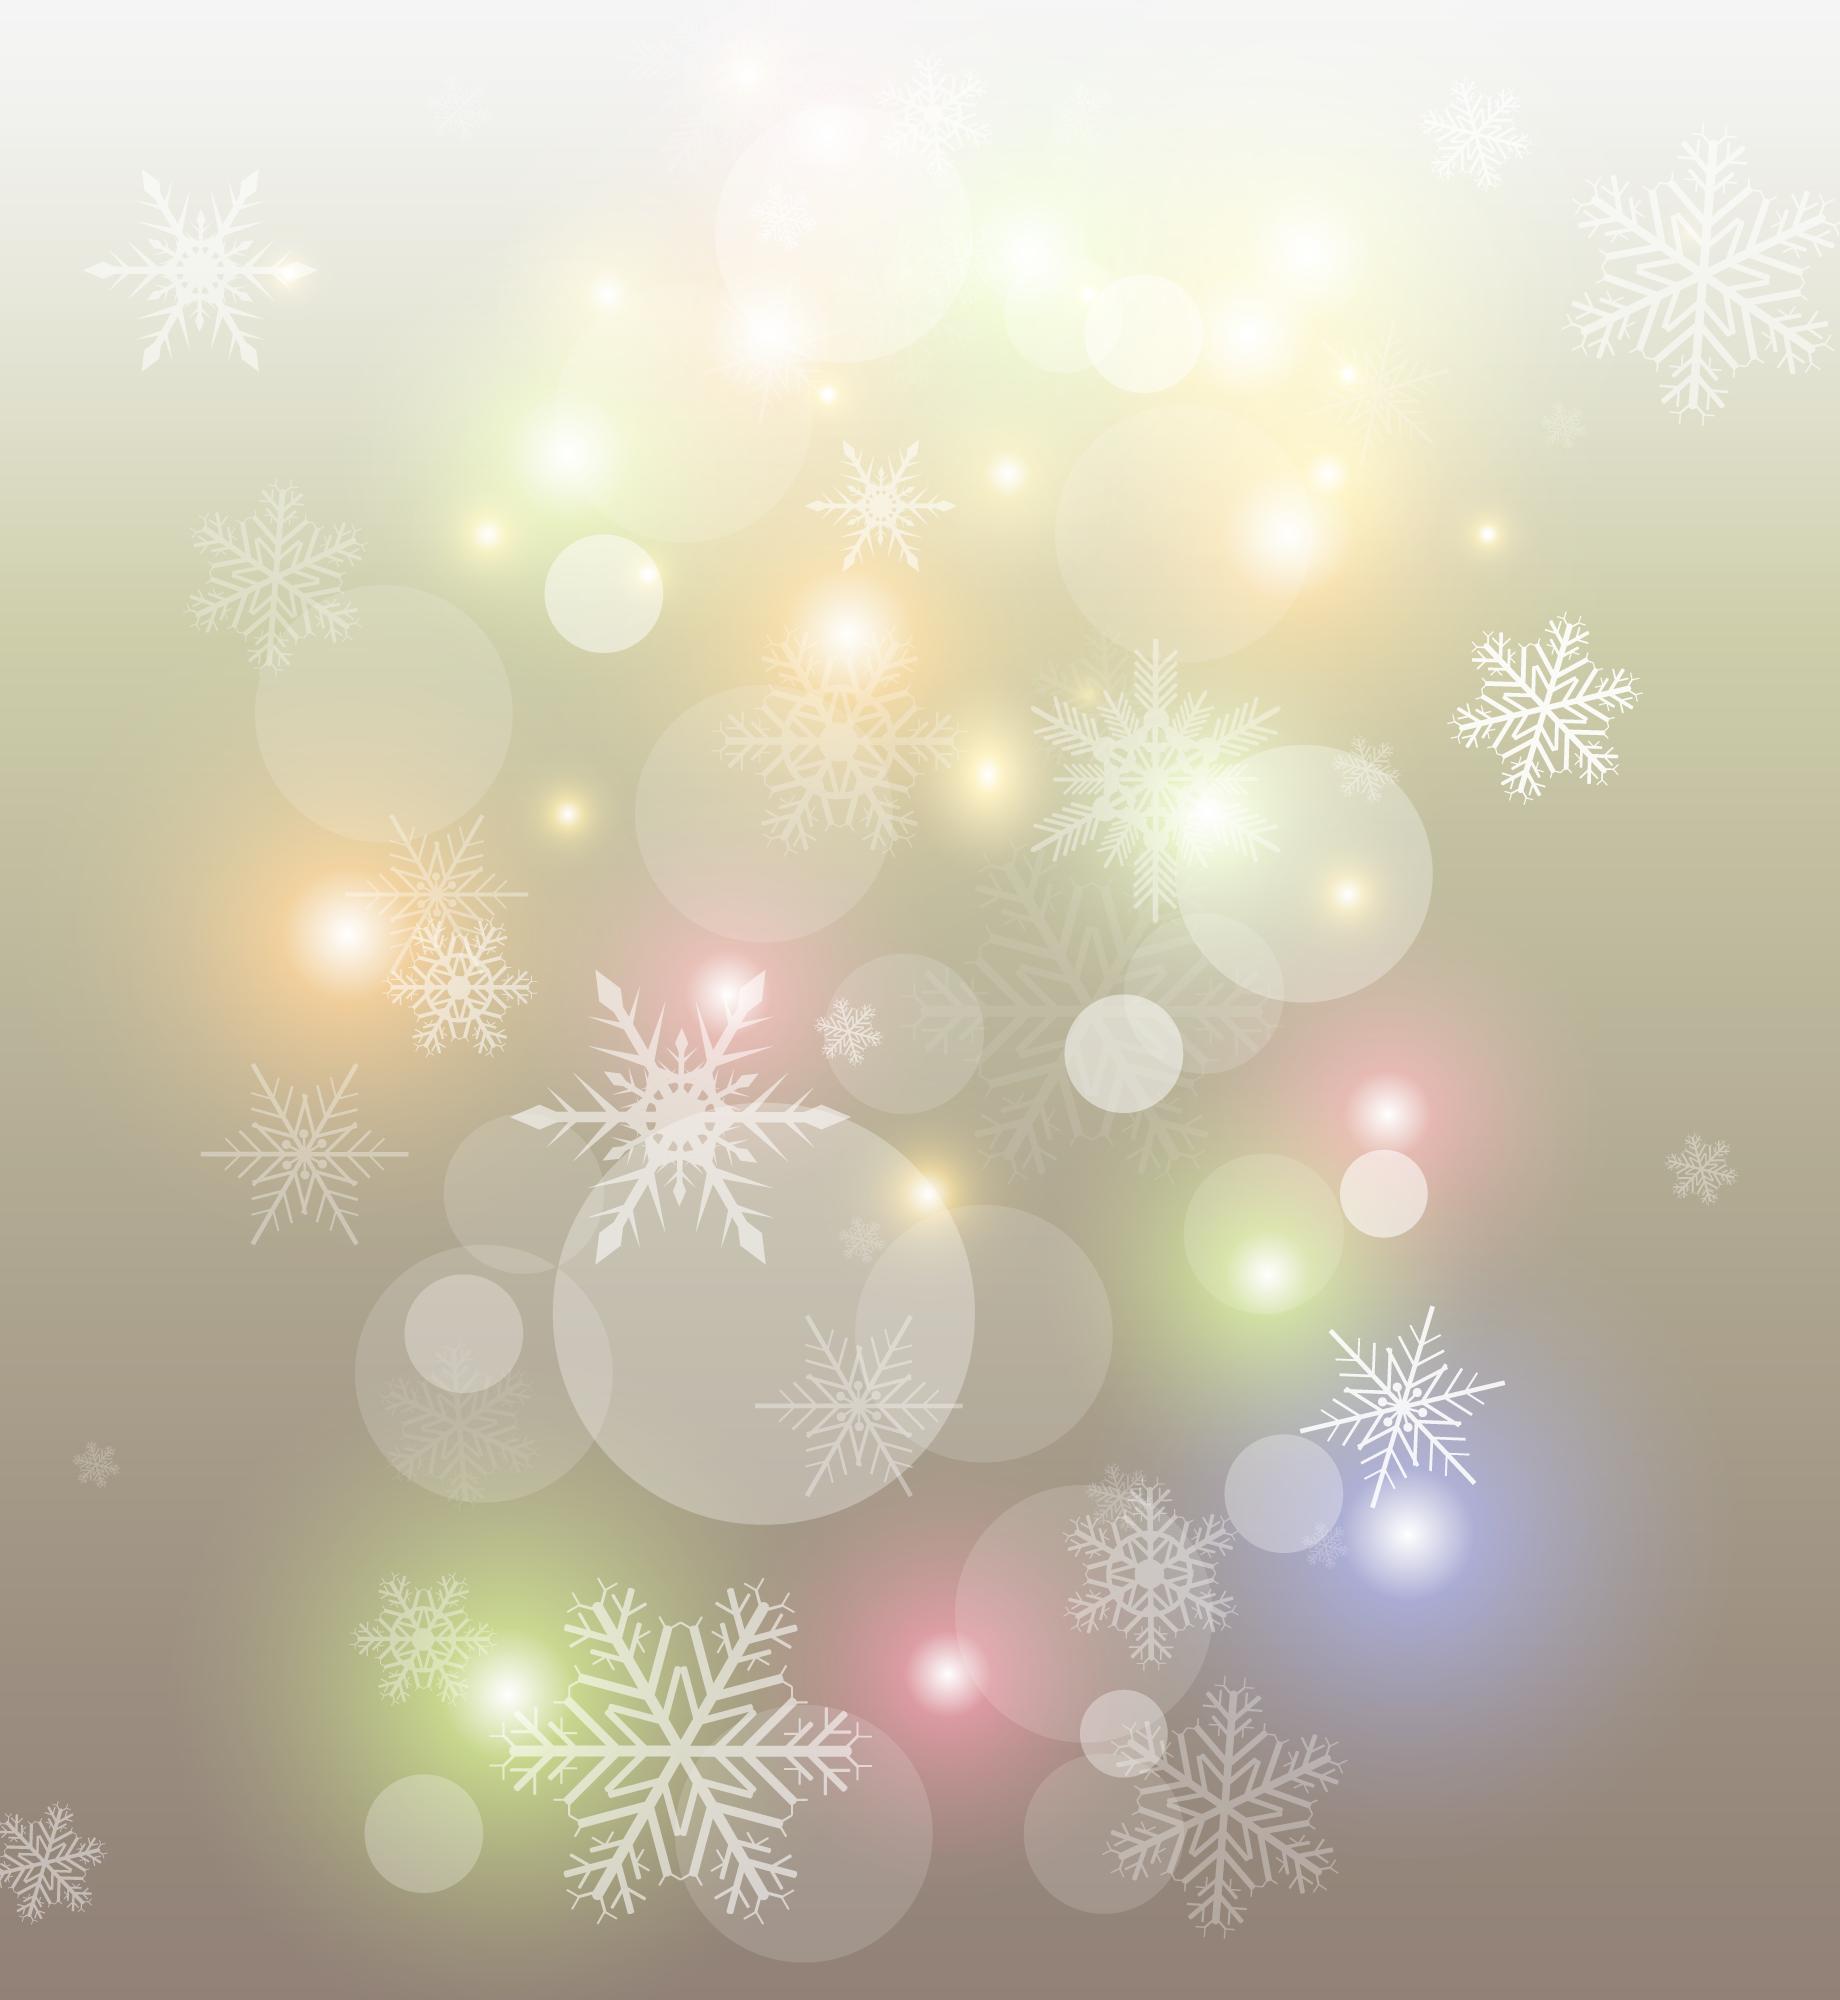 светлые картинки нового года представлена уникальная